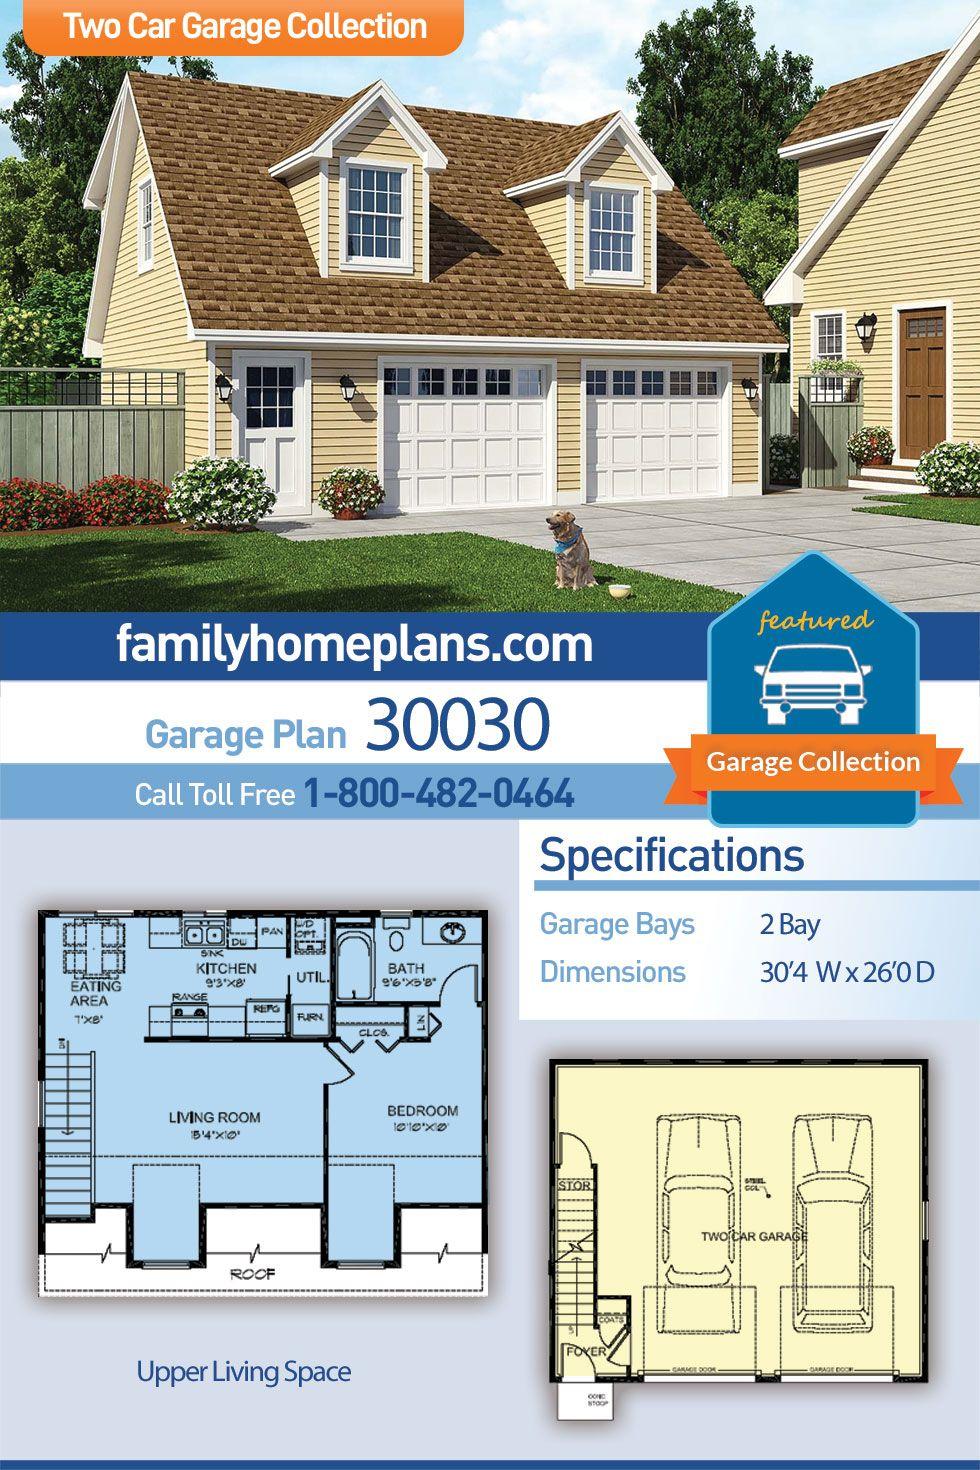 Saltbox Style 2 Car Garage Apartment Plan Number 30030 With 1 Bed 1 Bath Garage Apartment Plans Garage Apartment Plan Apartment Plans